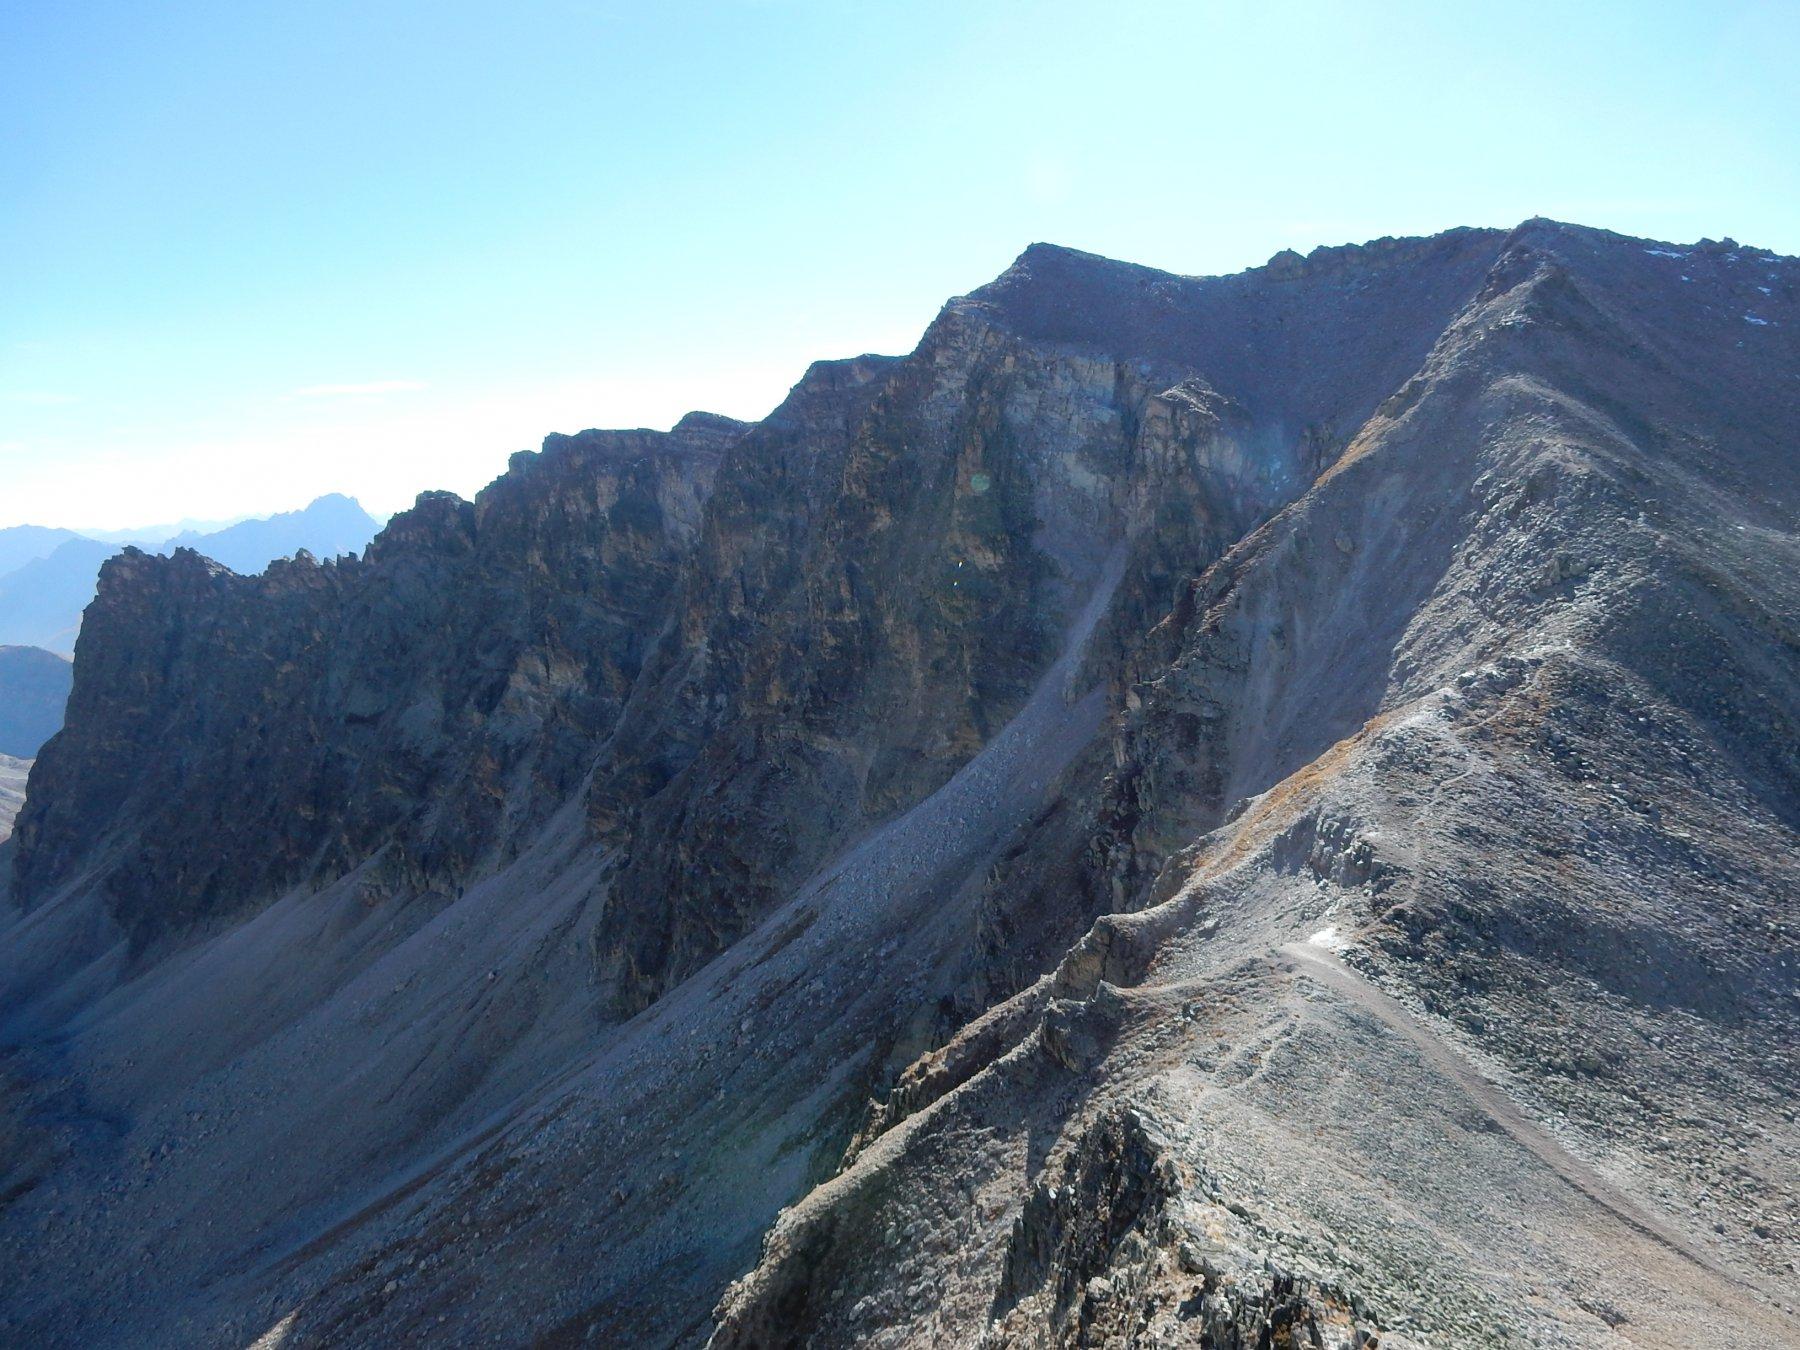 l'intera traversata vista dal Monte di Ciabriera